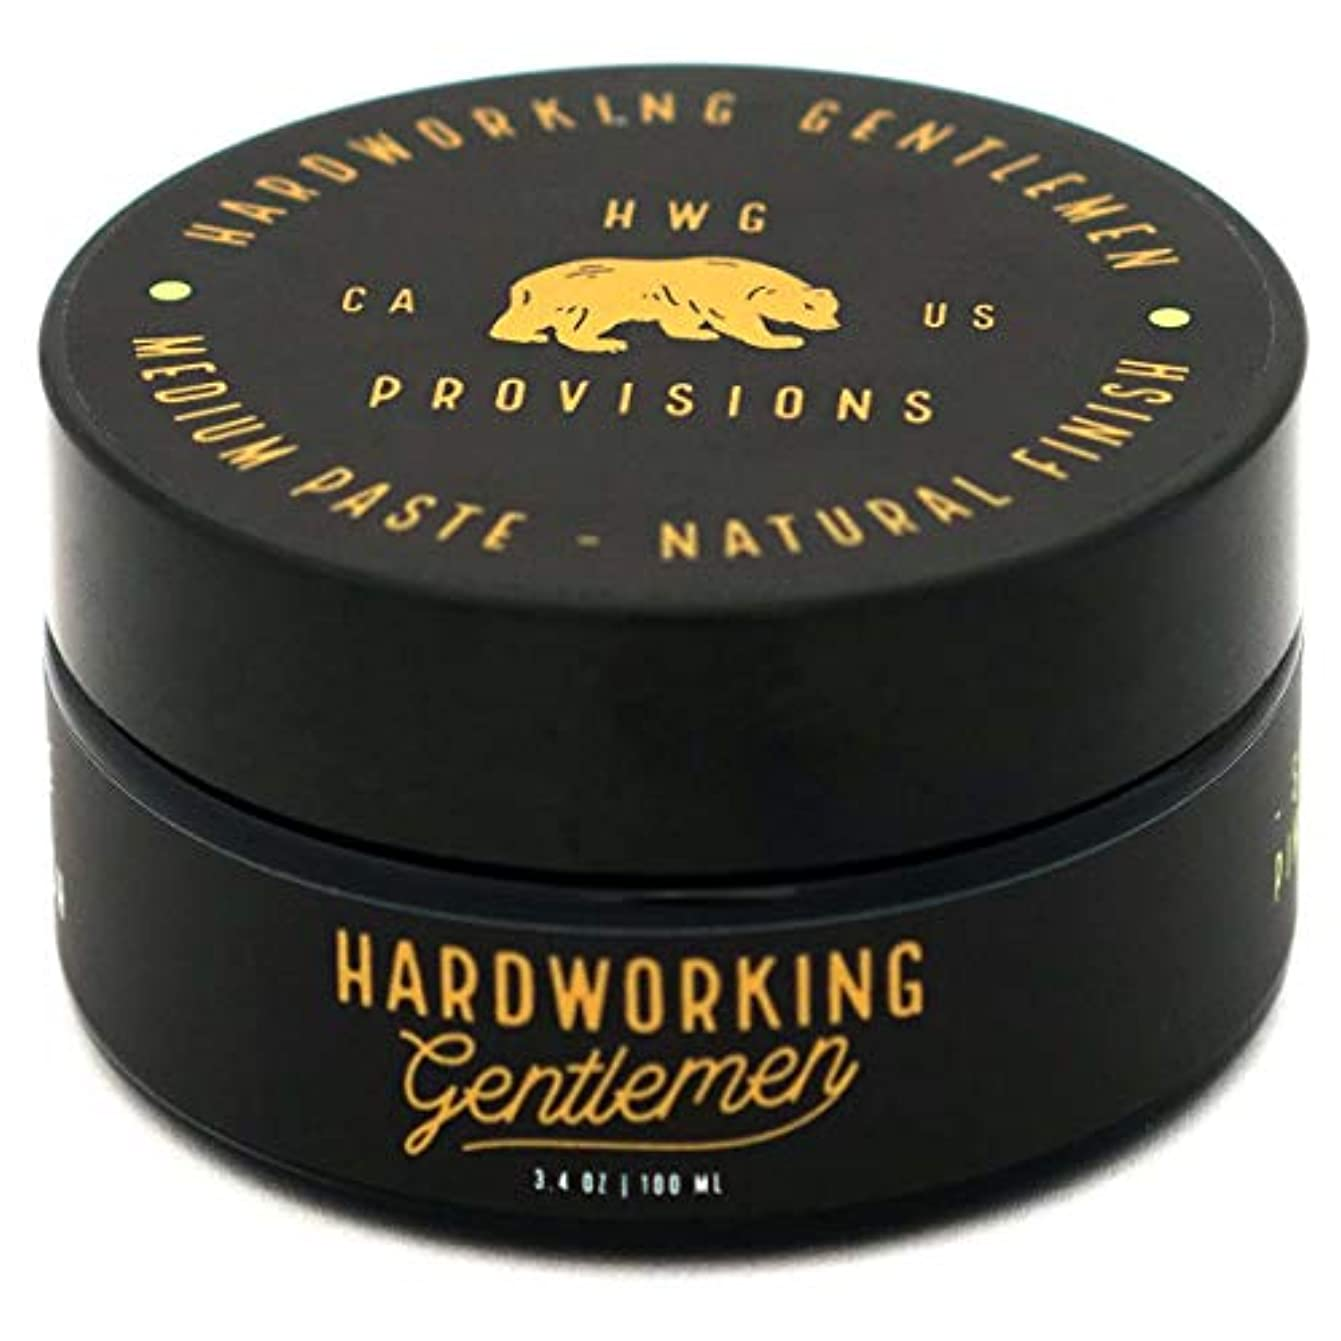 シュガー地上で回転するHardworking Gentlemen (ハードワーキング ジェントルメン) Medium Paste ヘアワックス 100ml 天然成分 オーガニック